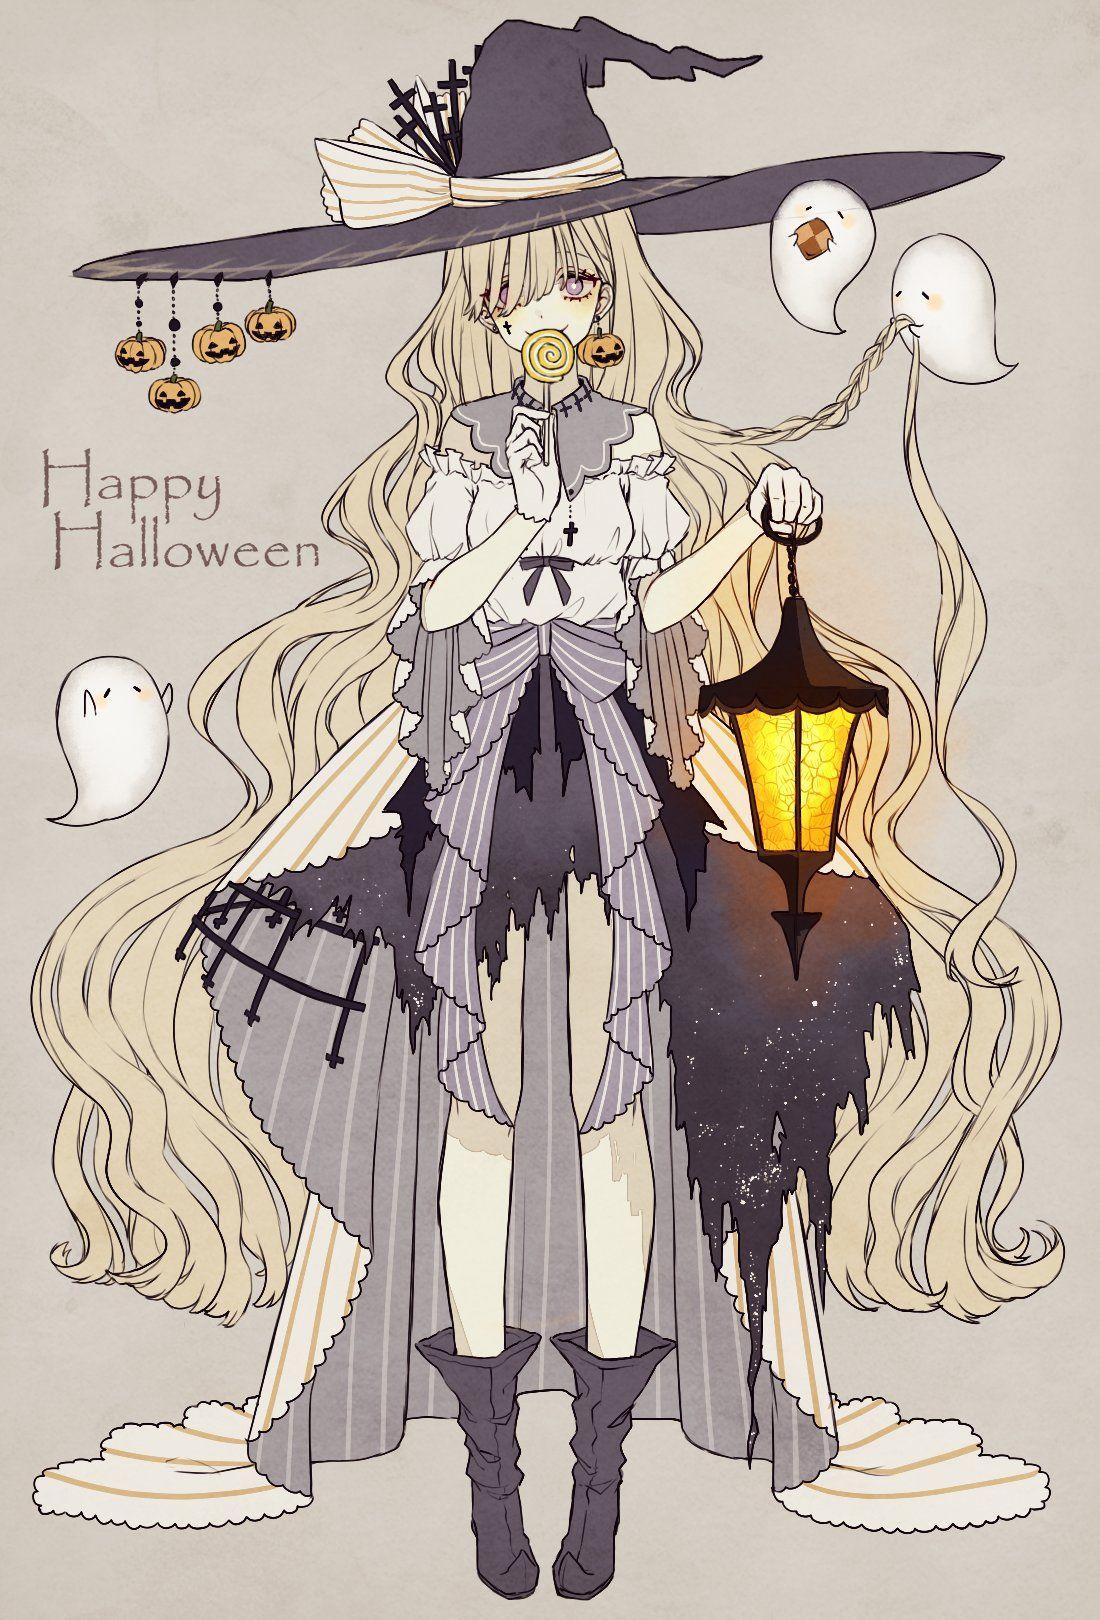 赤倉 At 6姉妹line着せかえ配信中 On Witches キャラクターアート